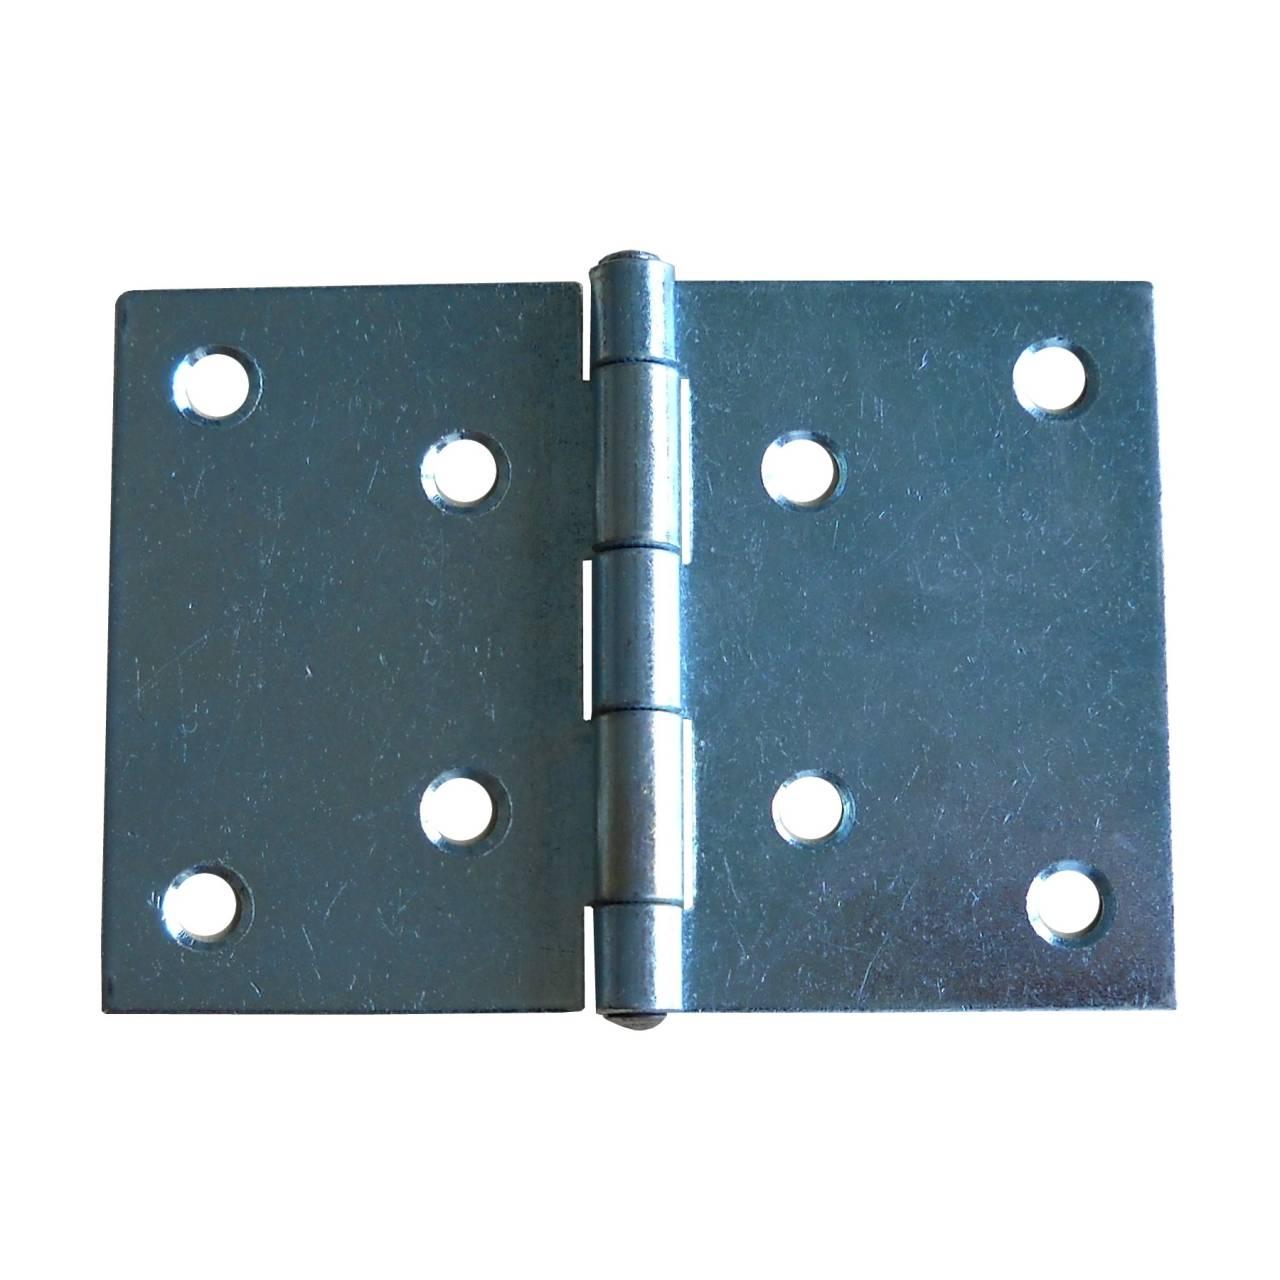 Scharnier vz 60 x 89 x 1,5 mm / Pck a 2 Stück